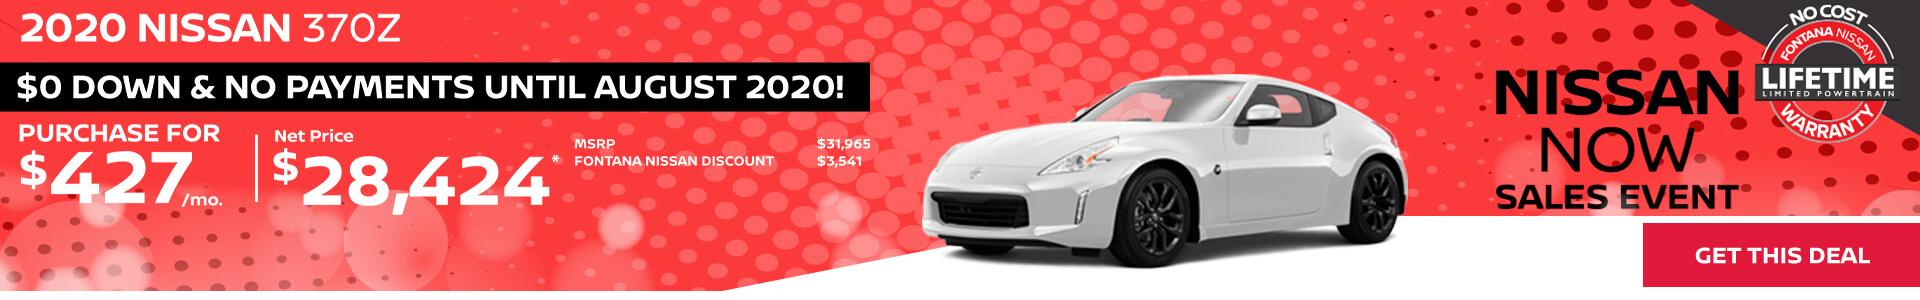 Nissan 370Z $427